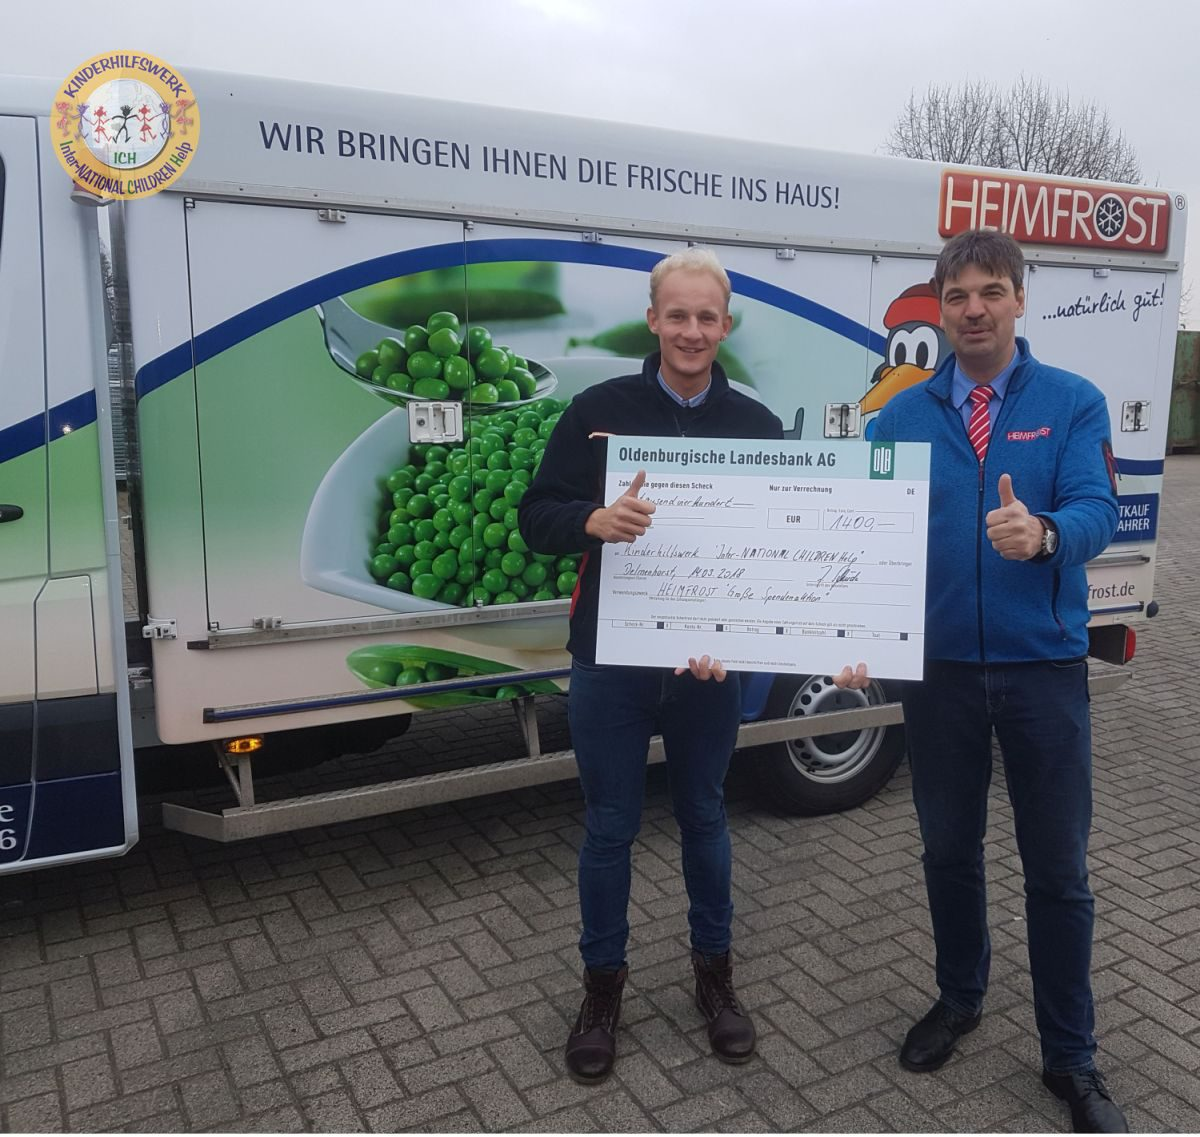 ICH Botschafter Justin Winter und Heimfrost mit neuer Charity-Aktion